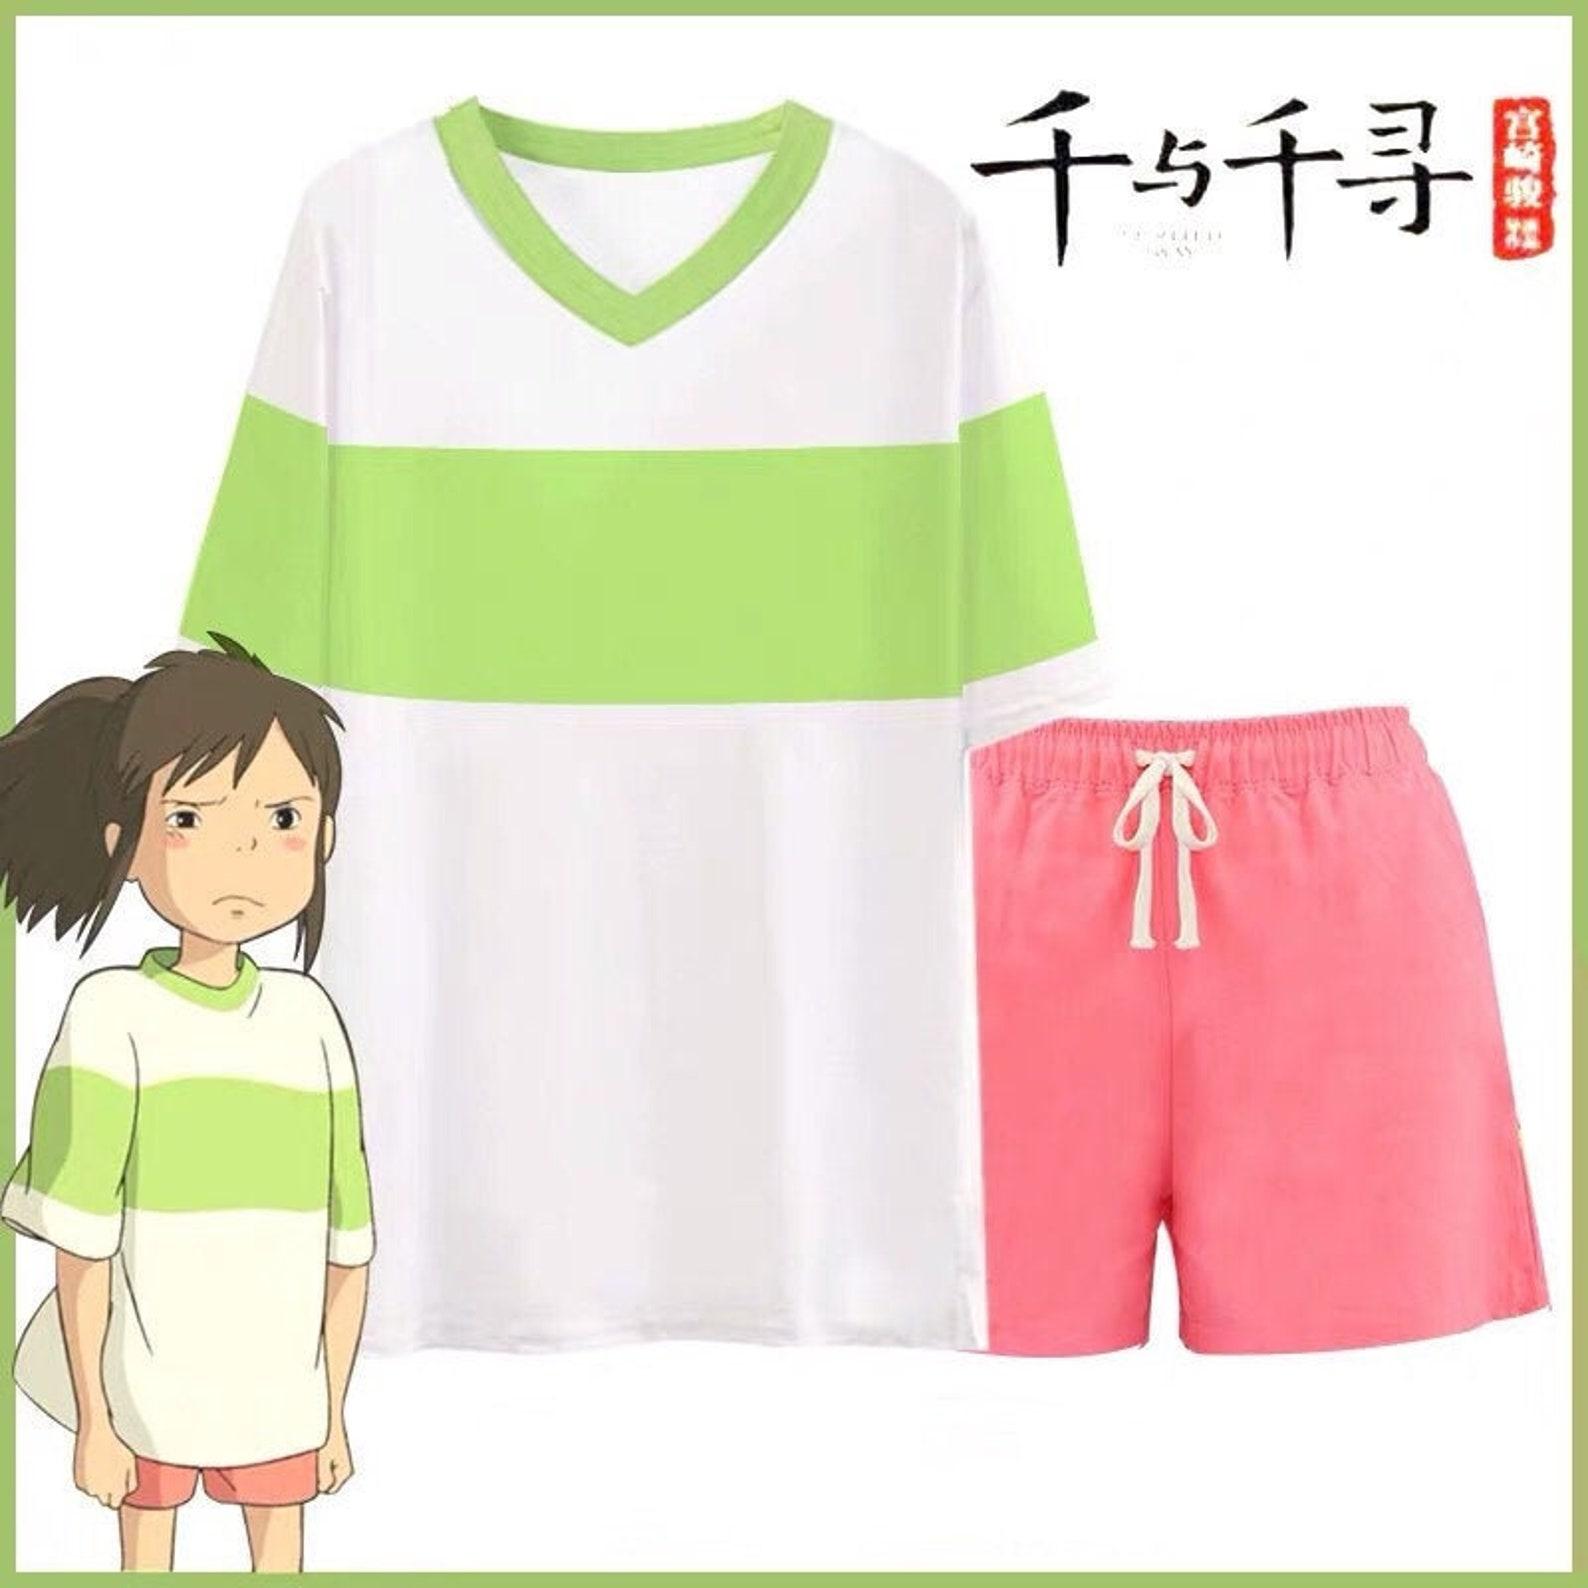 Chihiro Casual shirt